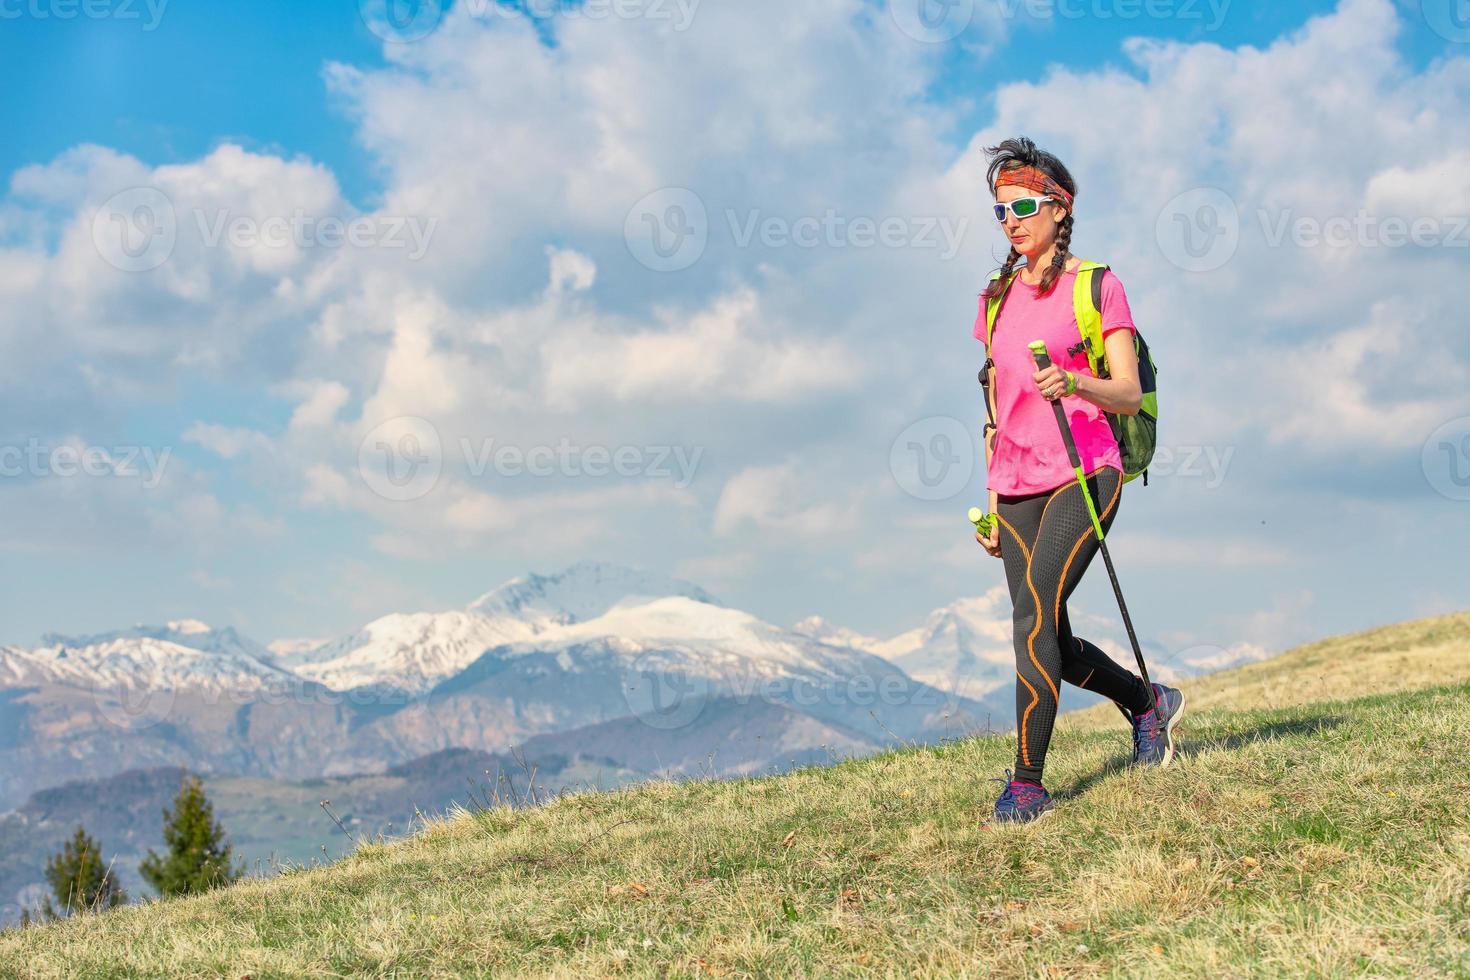 camminare sui prati di montagna primaverili con montagne innevate sullo sfondo foto